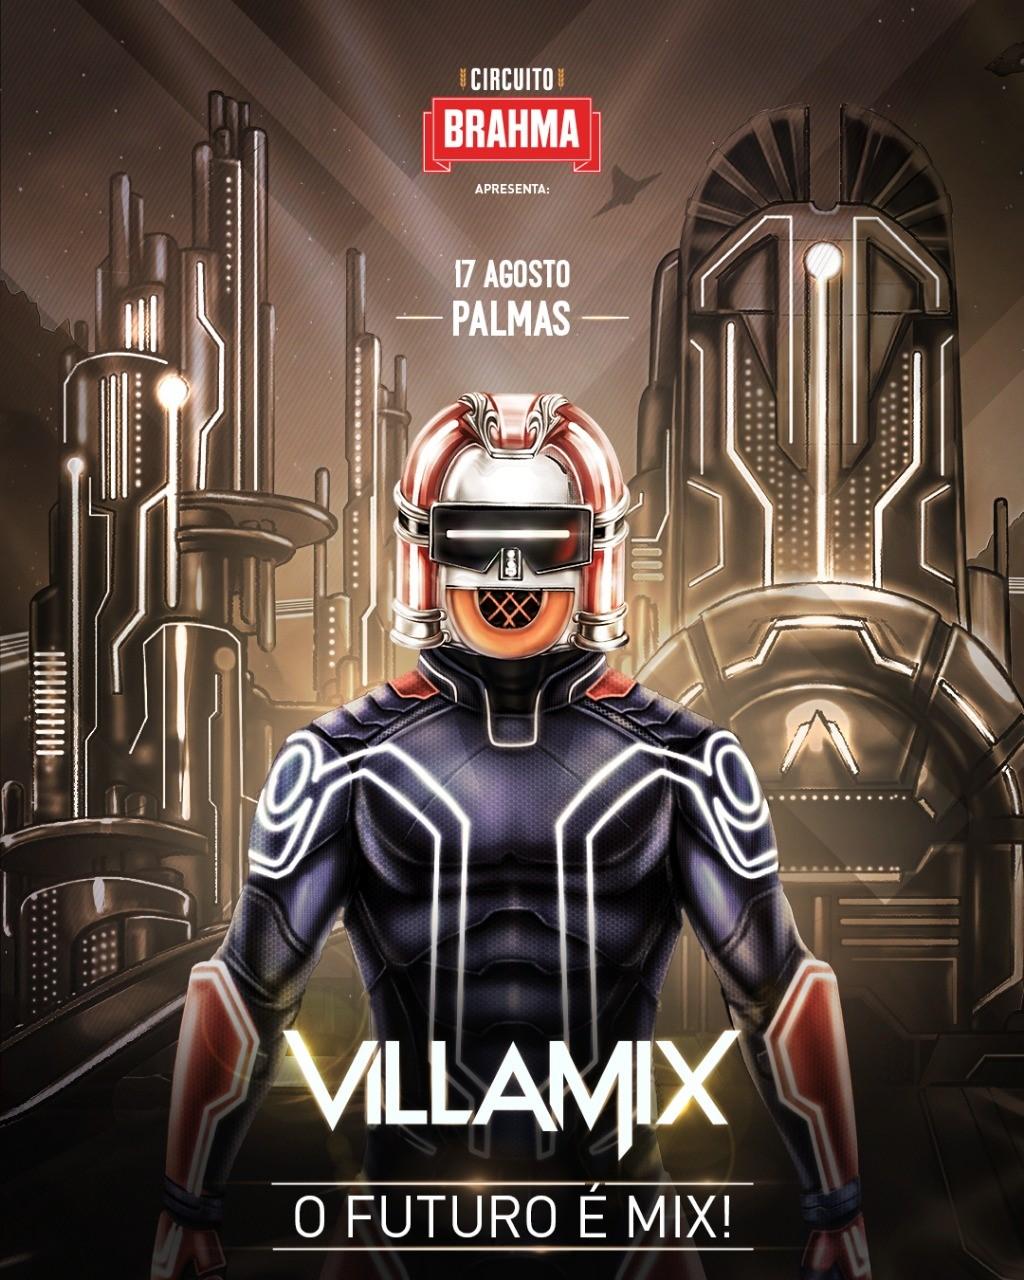 VillaMix Festival desembarca em Palmas no dia 17 de agosto